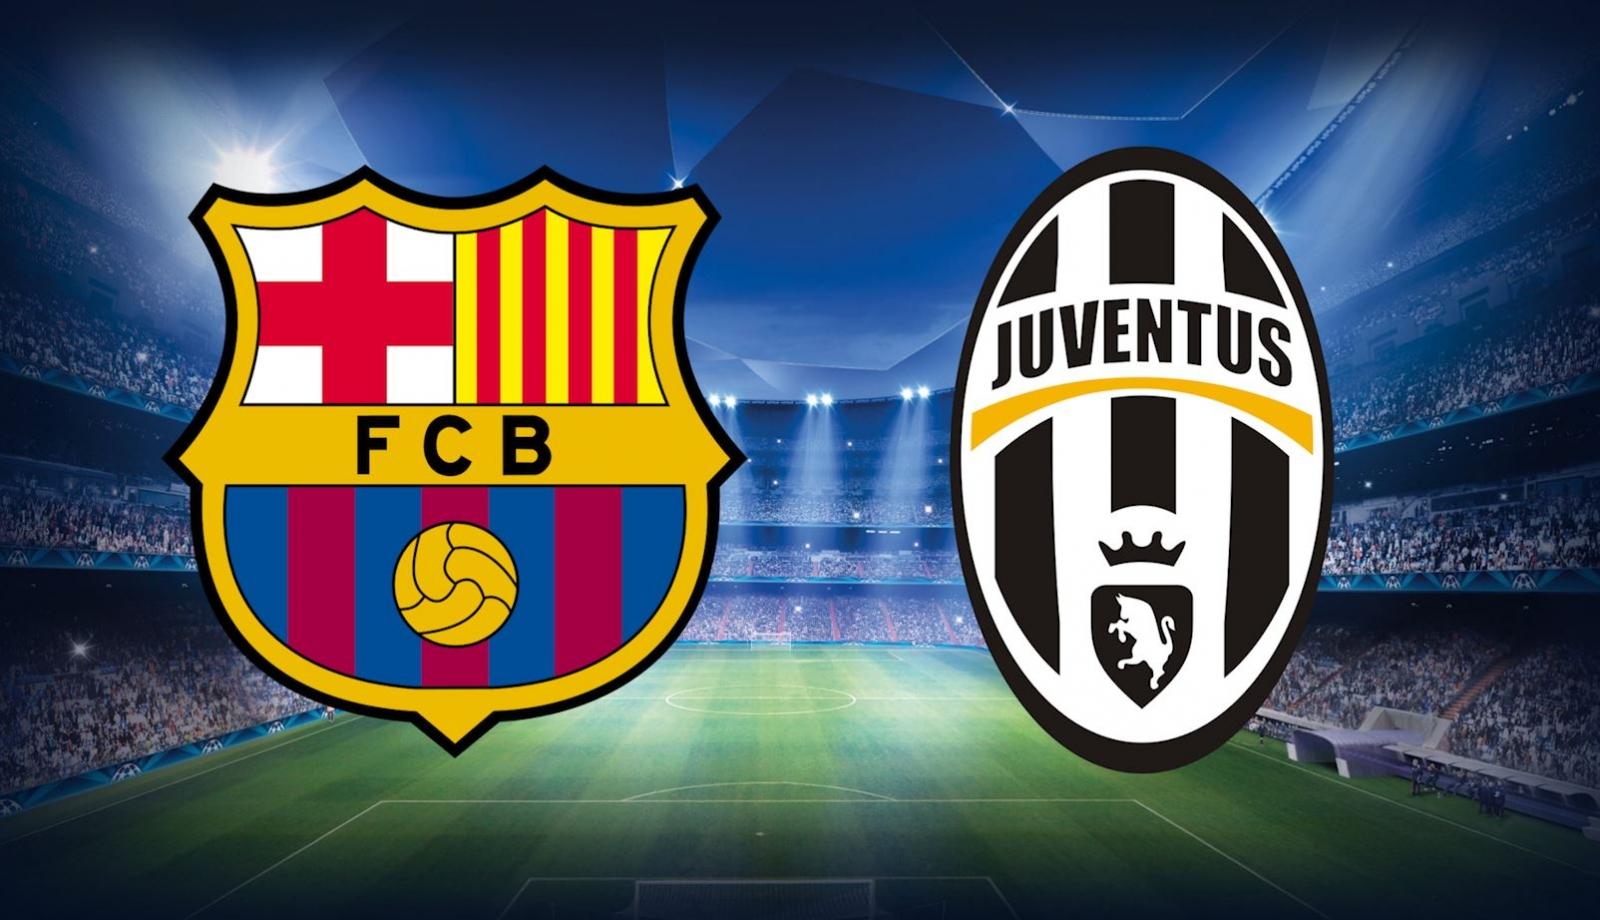 2021 gegen aston villa in der premier league. Barcelona v Juventus: Champions League final 2015 preview